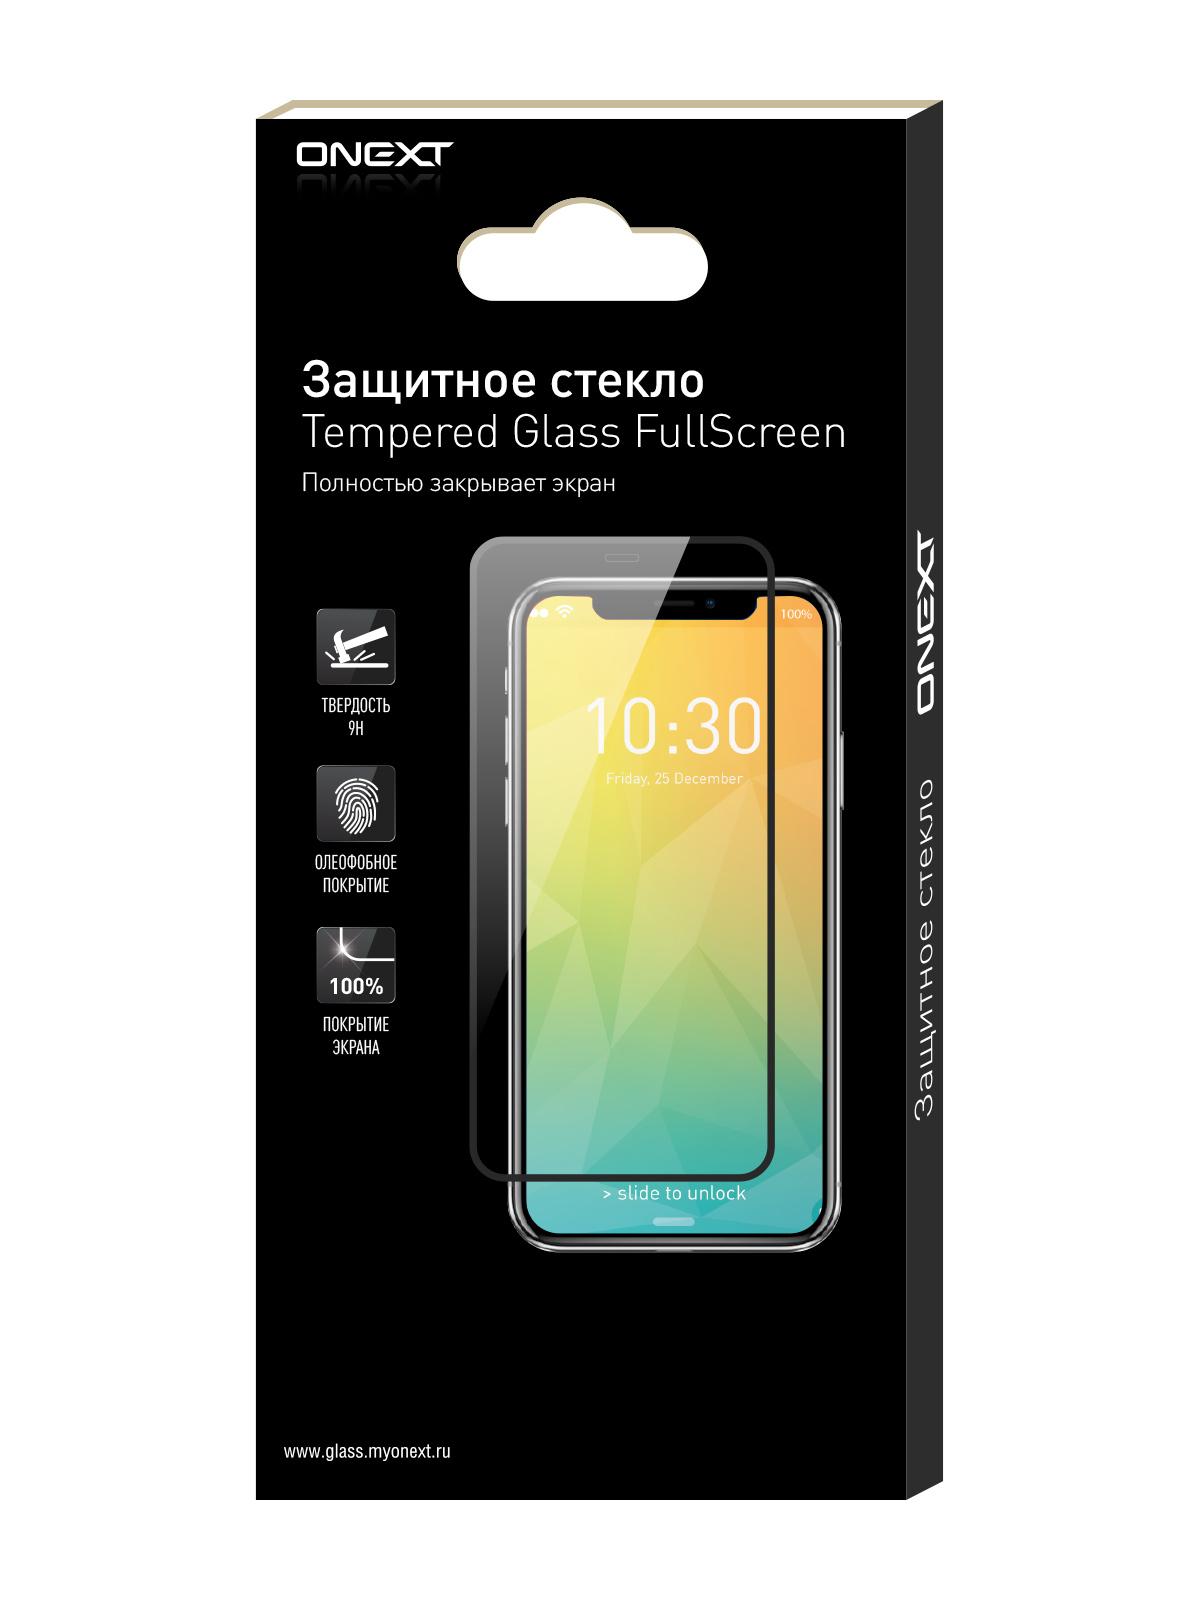 Защитное стекло ONEXT для Apple iPhone 6 Plus/iPhone 6S Plus White